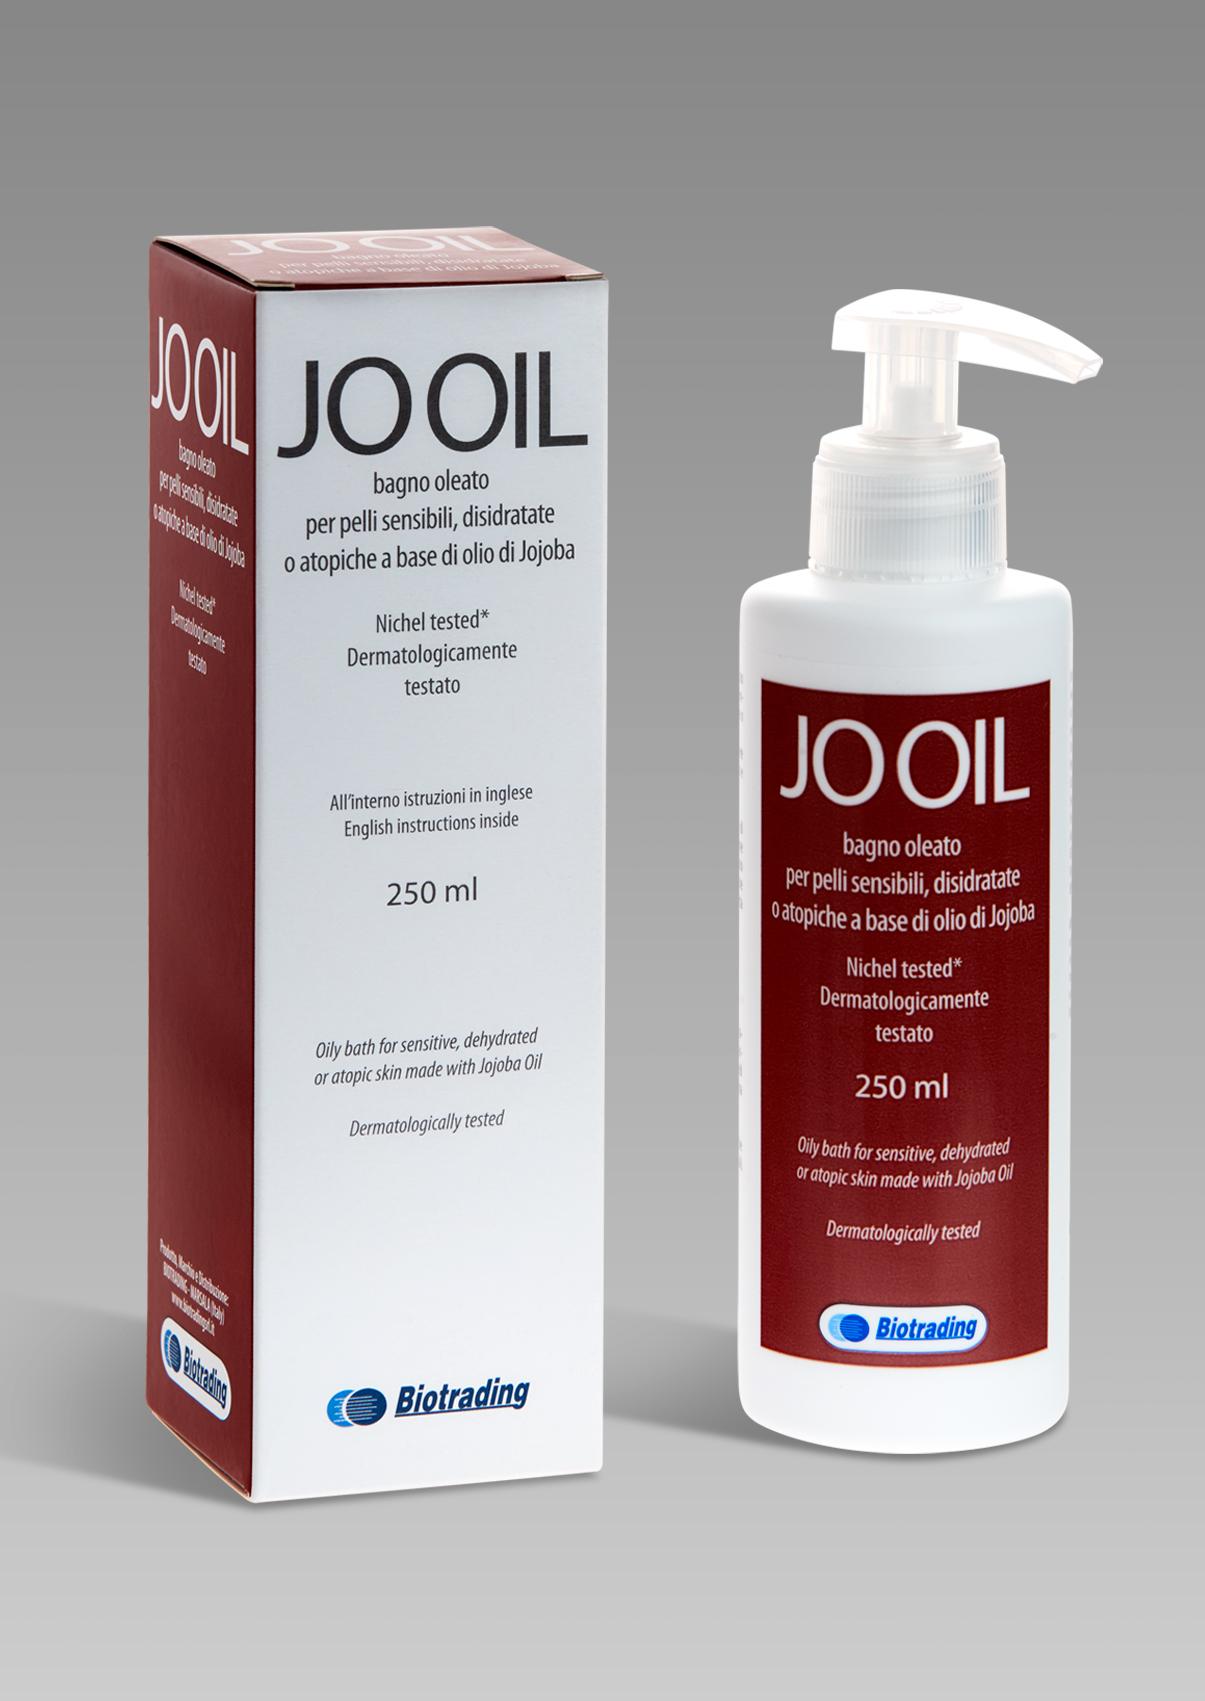 Image of Biotrading Jo Oil Bagno Oleato 250ml 935964054